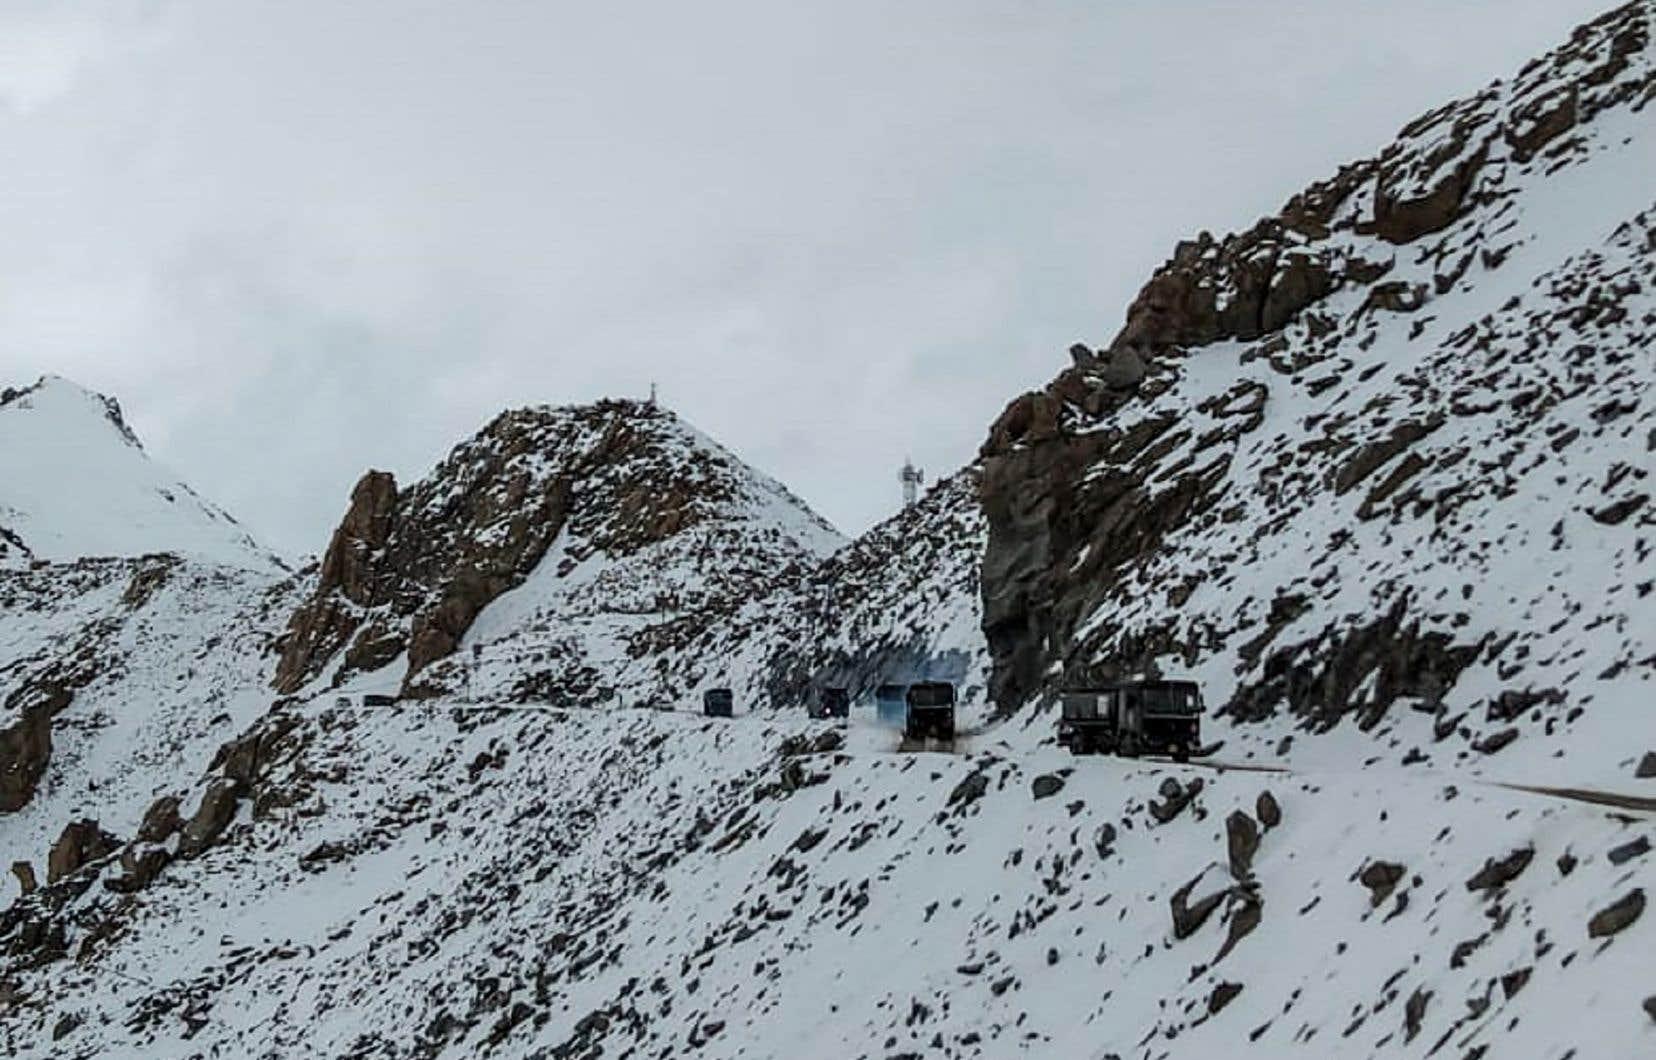 Des véhicules de l'armée indienne ont roulé sur une route près du col de Chang La, dans la région du Jammu-et-Cachemire au Ladakh, dans le nord de l'Inde, près de la frontière avec la Chine, le 17 juin 2020.